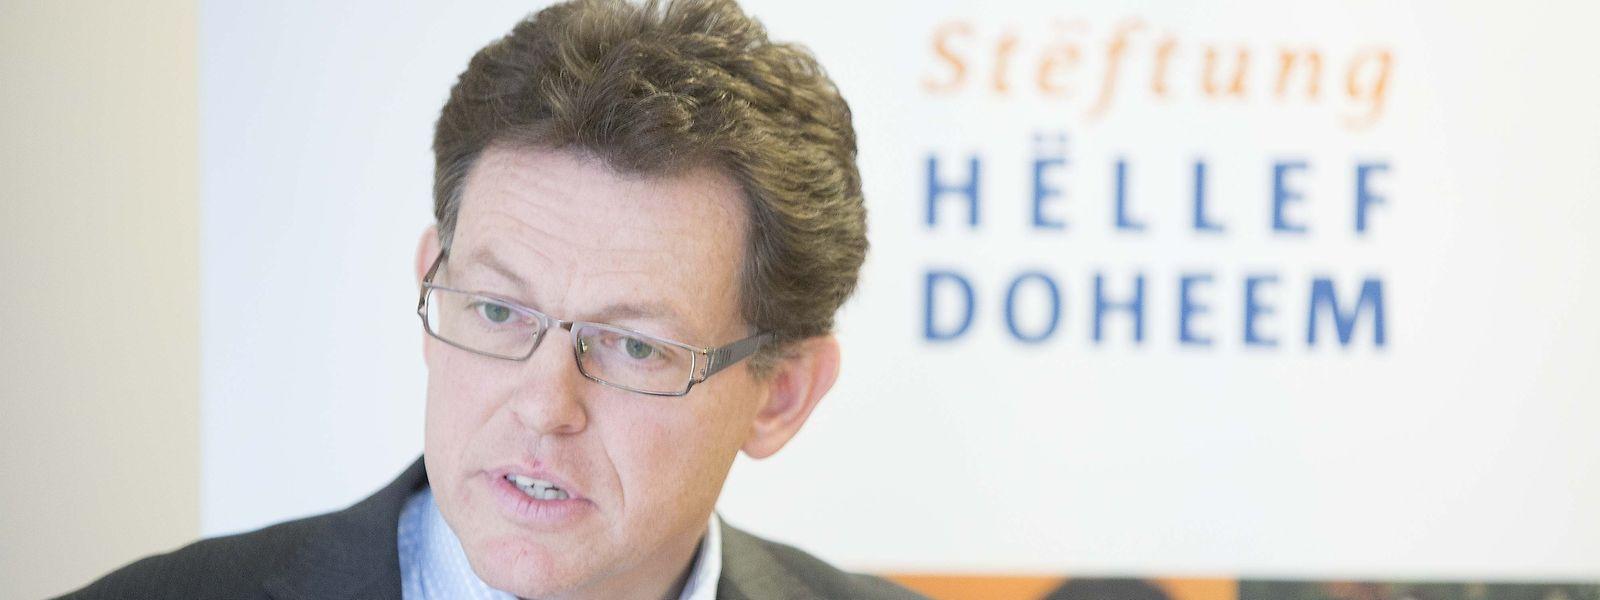 """Benoît Holzem, der Generaldirektor der Stiftung """"Hëllef Doheem""""."""